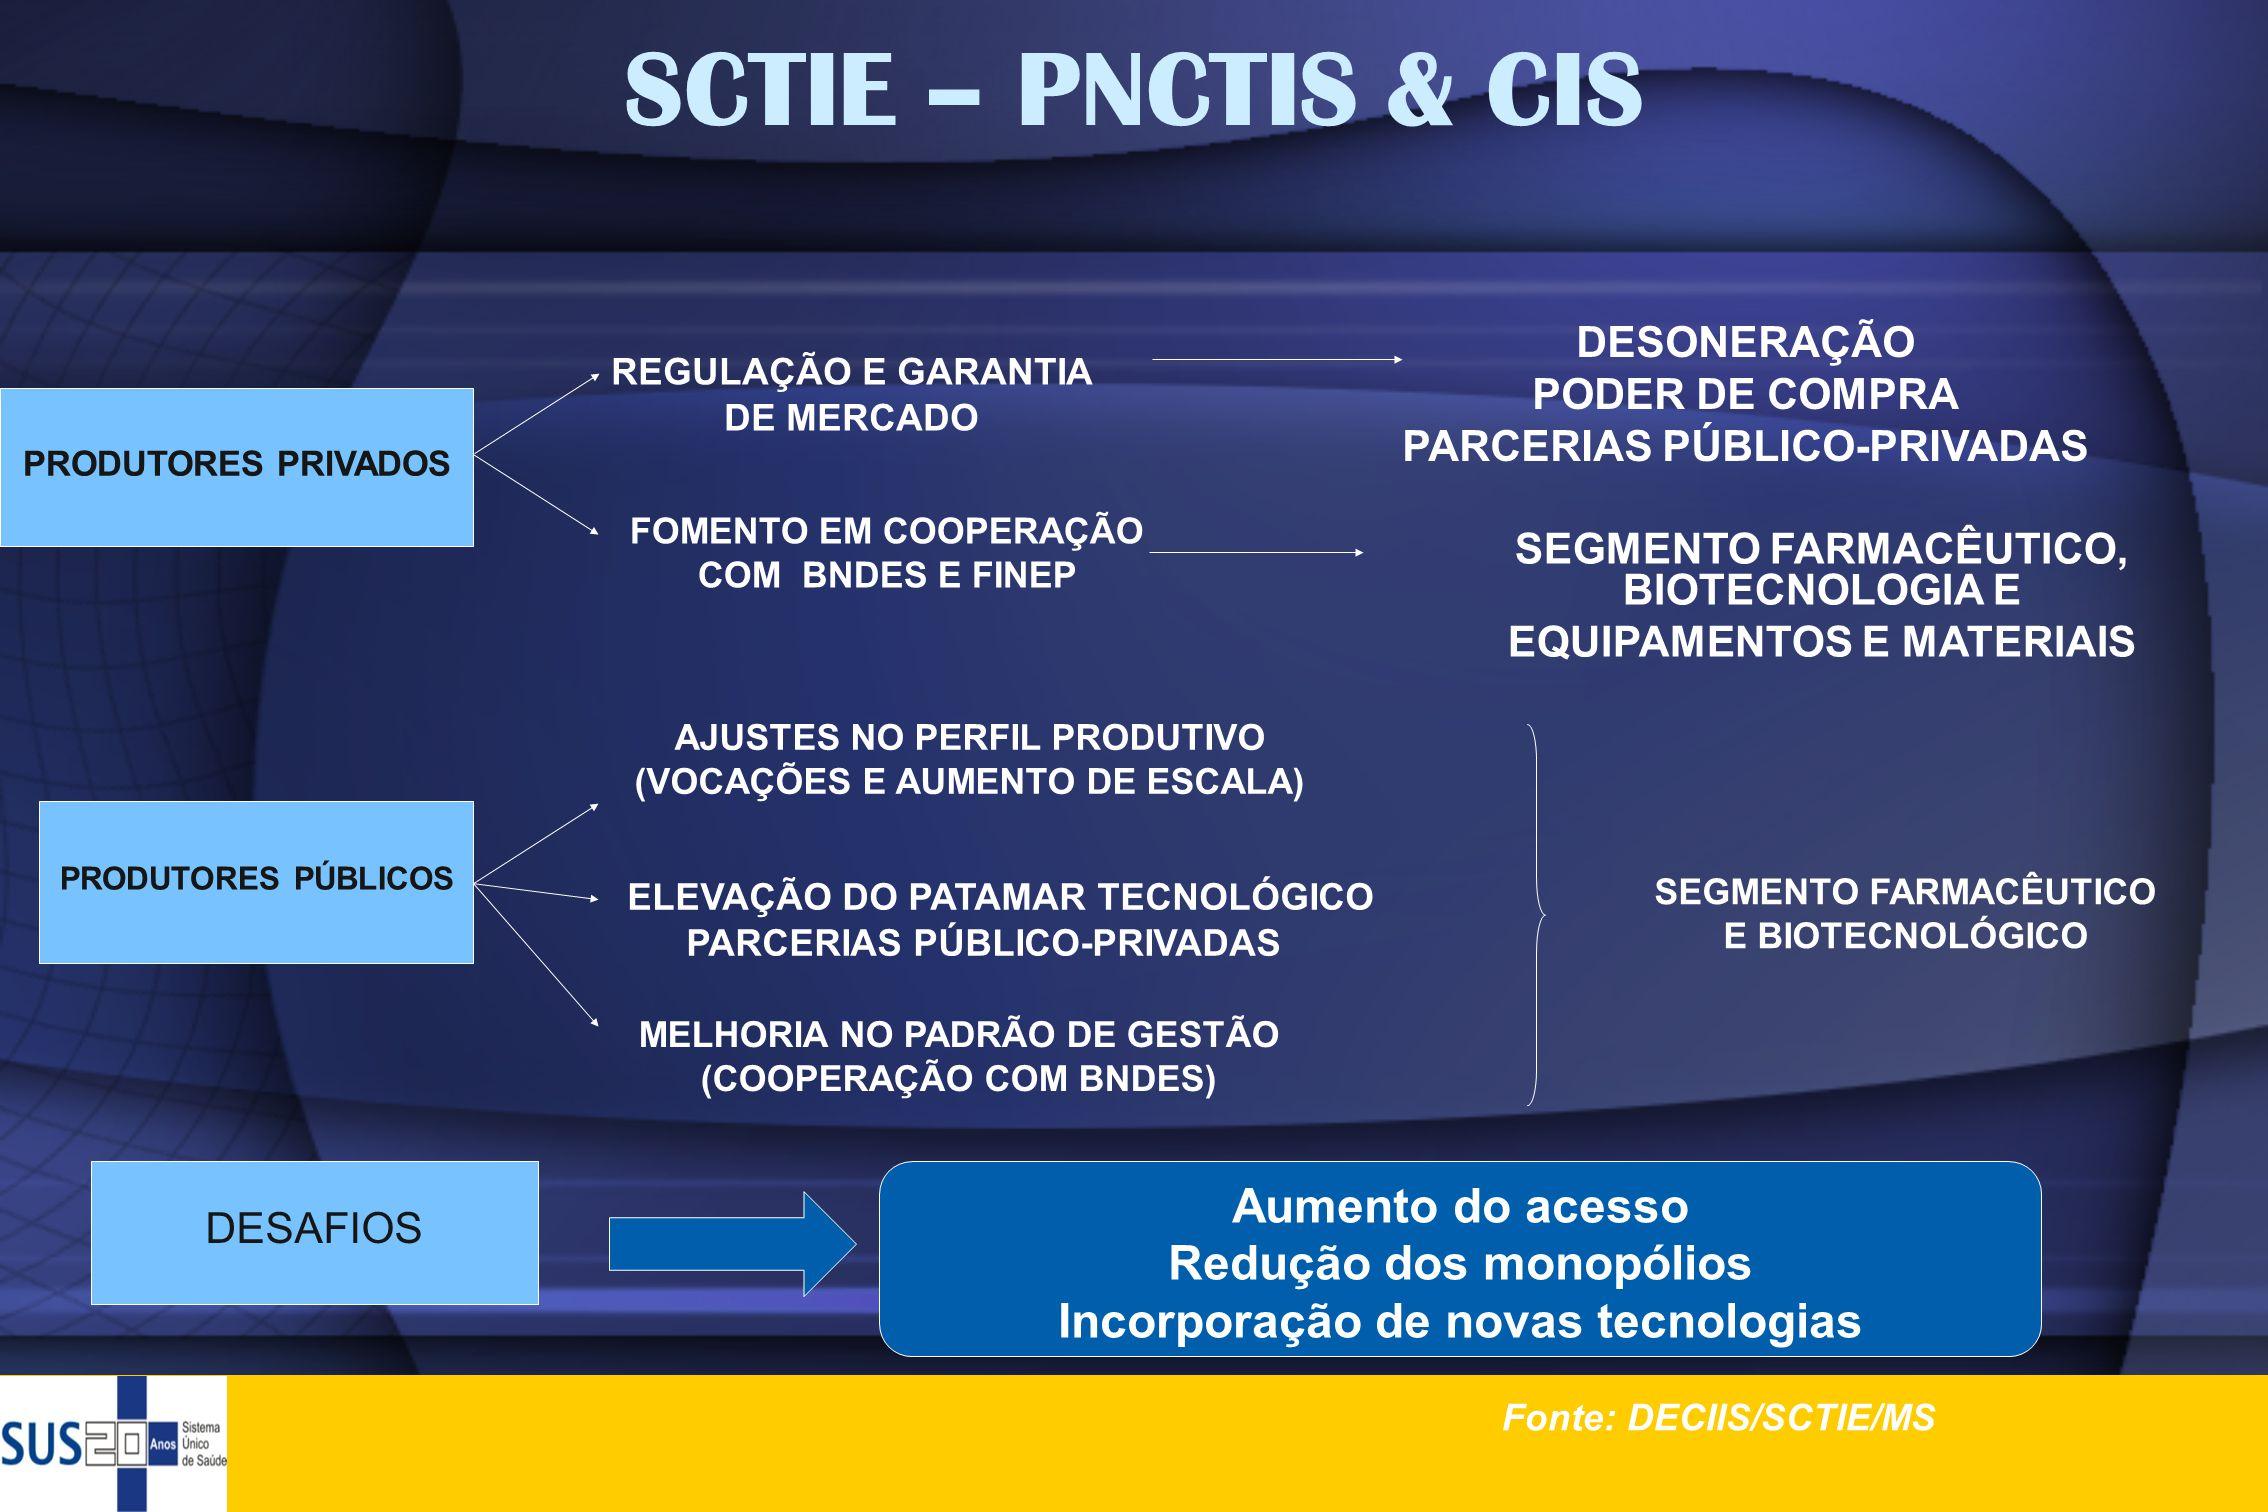 SCTIE – PNCTIS & CIS Aumento do acesso Redução dos monopólios